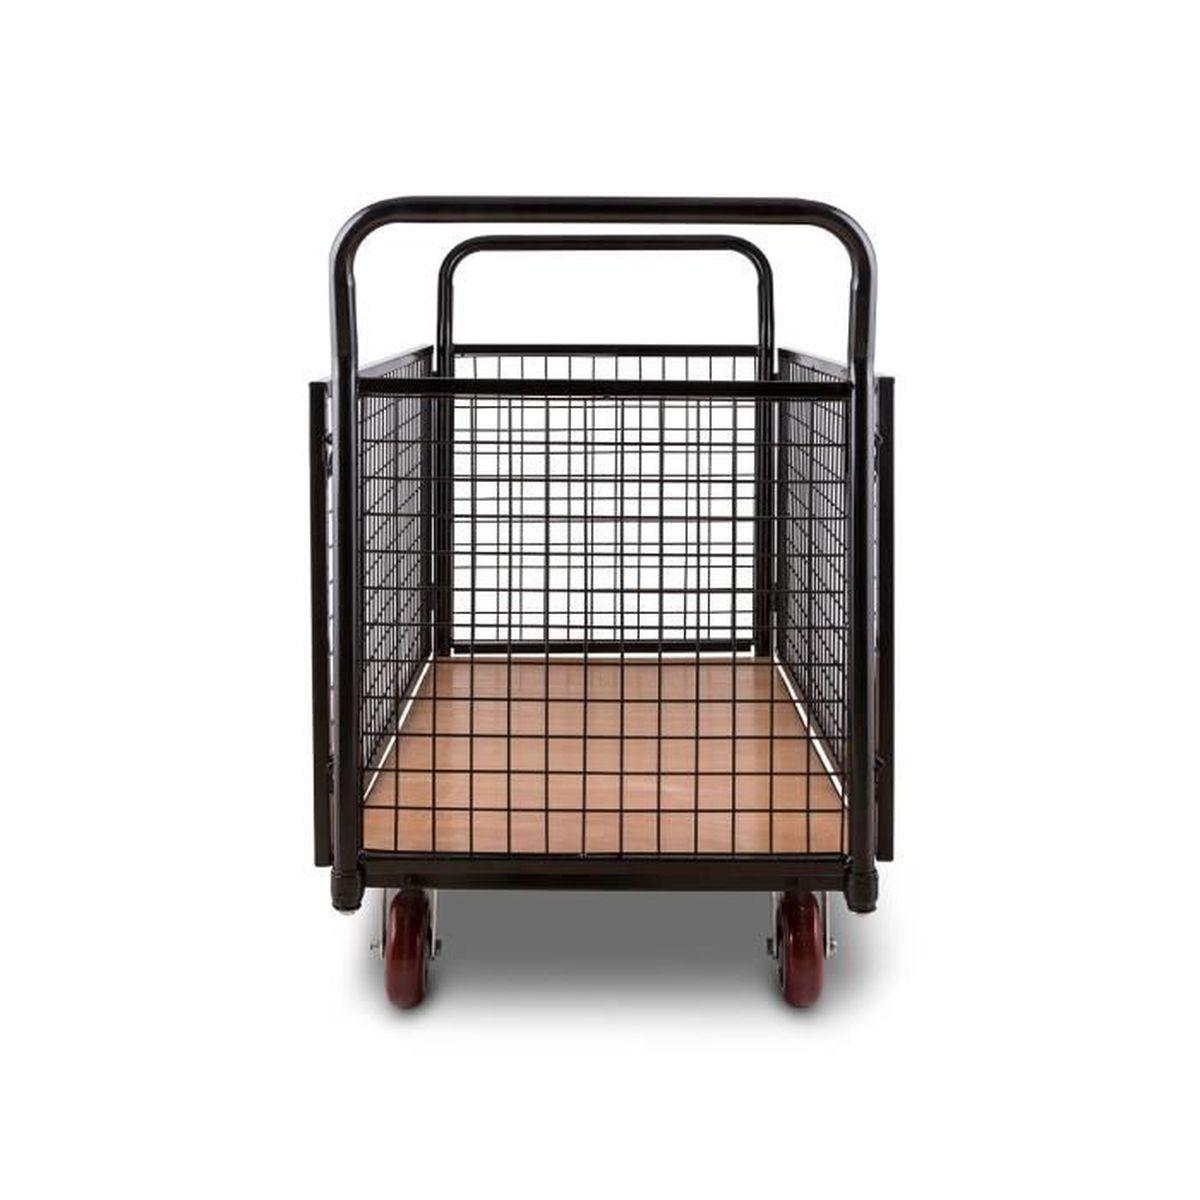 Max. 500kg, Cadre en Tubes dacier de 3,8 cm de diam/ètre, 4 Roues en Caoutchouc Dur Fixes /& pivotantes Waldbeck Loadster Chariot grillag/é de manutention